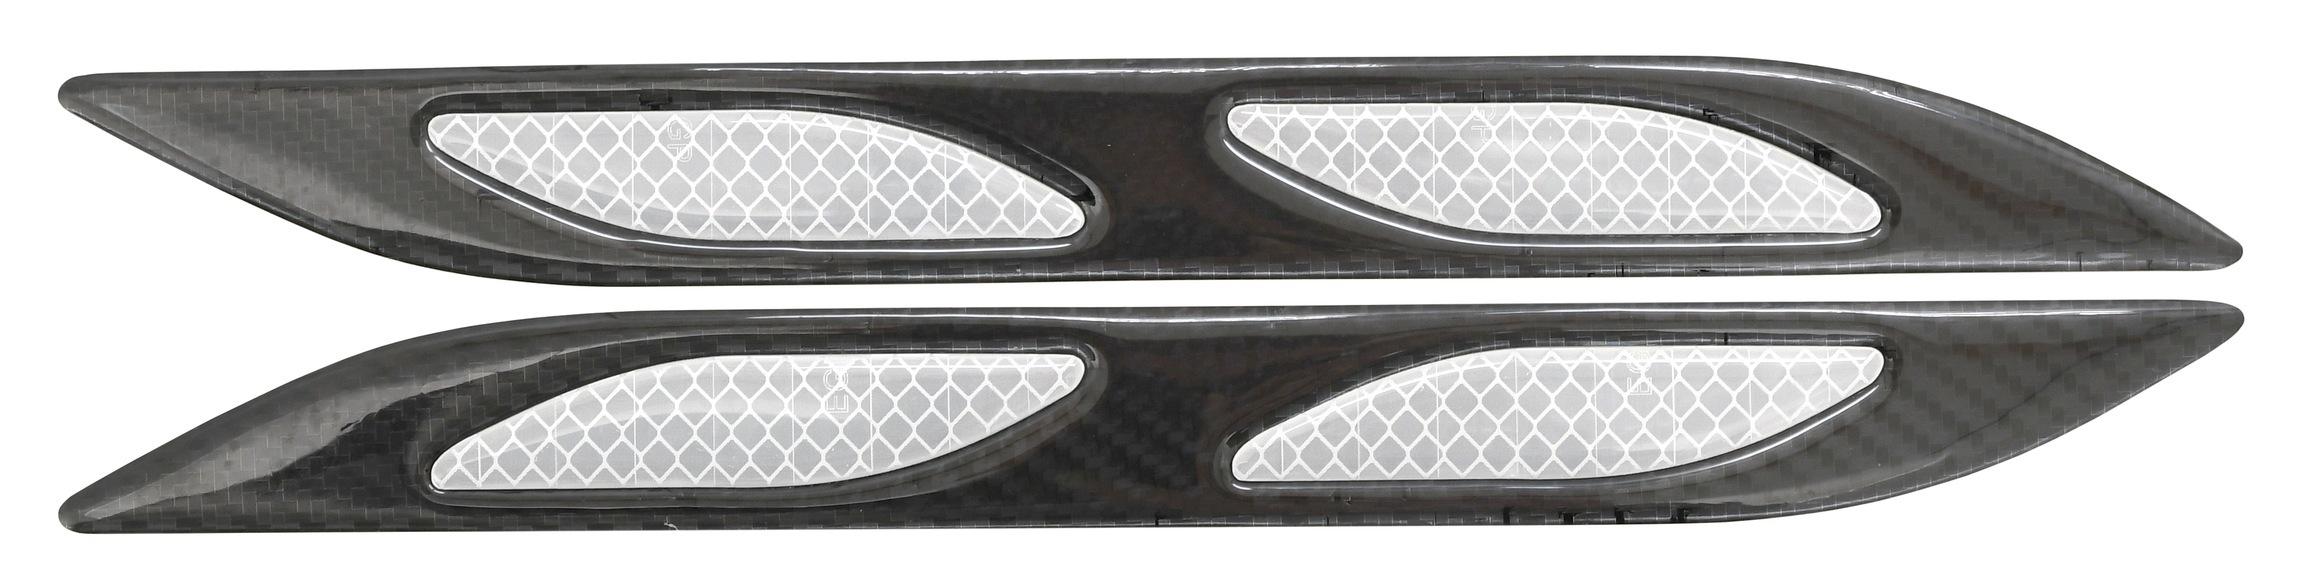 Chránič dveří samolepící DAGGER stříbrný 2ks